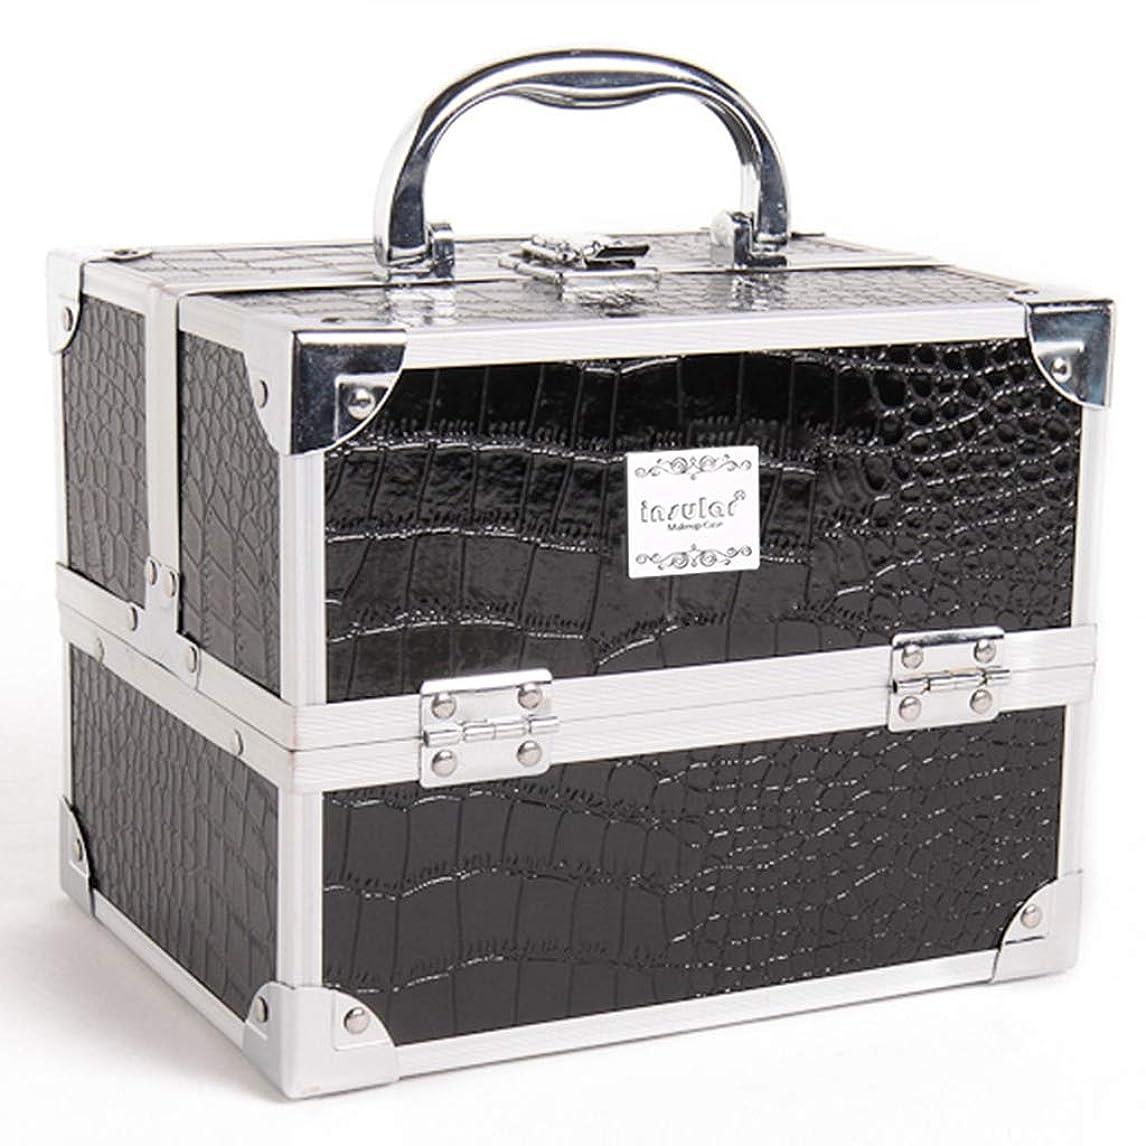 忍耐嵐が丘なぜ[テンカ]メイクボックス コスメボックス 化粧箱 スライドトレイ 収納ボックス 収納ケース 観音開き 化粧品?化粧道具入れ 自宅?出張?旅行?アウトドア撮影 プロ用 大容量 取っ手付 多機能 工具箱 ツールボックス